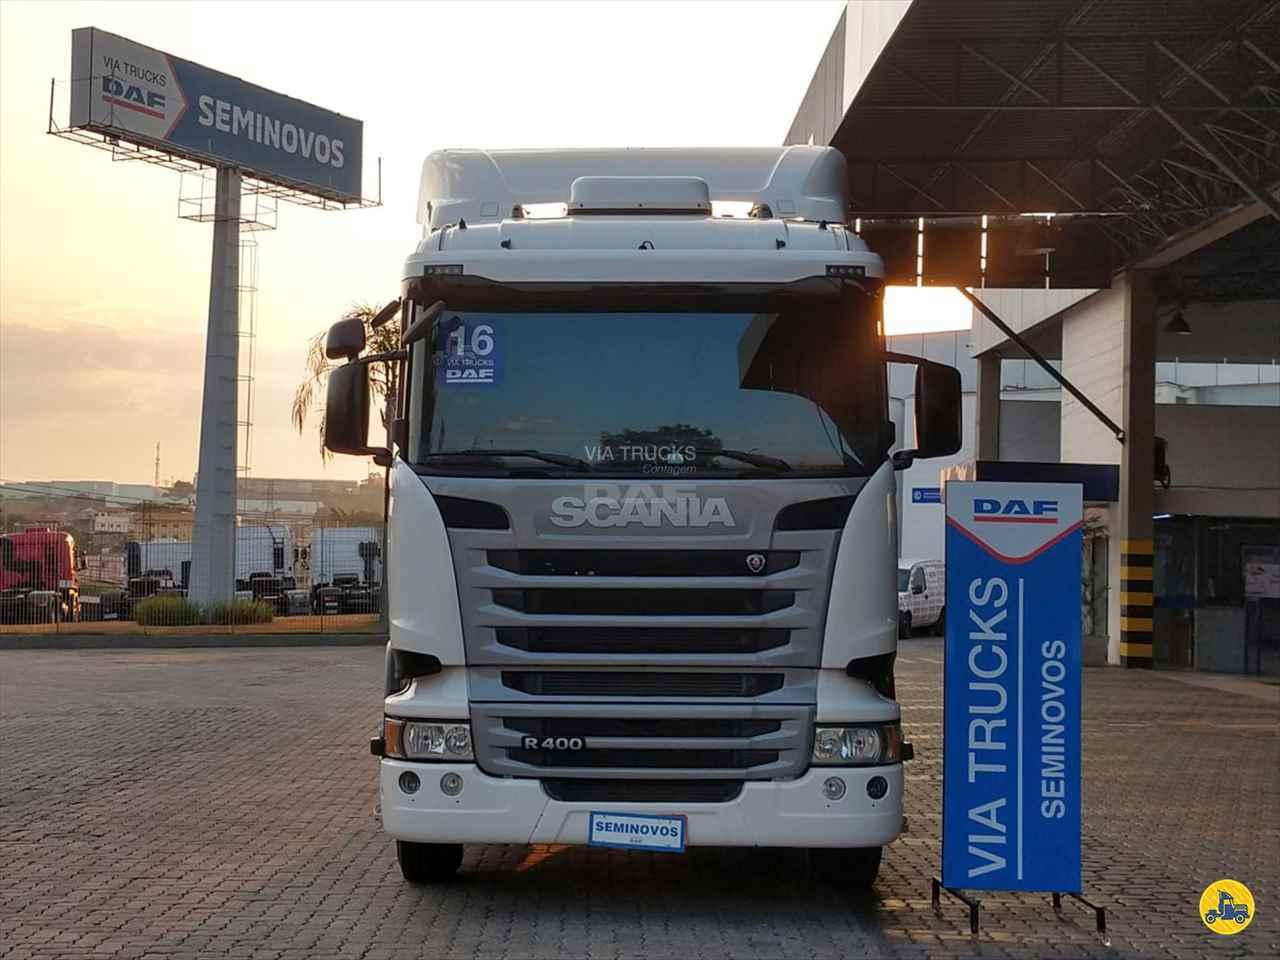 CAMINHAO SCANIA SCANIA 400 Chassis Toco 4x2 Via Trucks - DAF CONTAGEM MINAS GERAIS MG